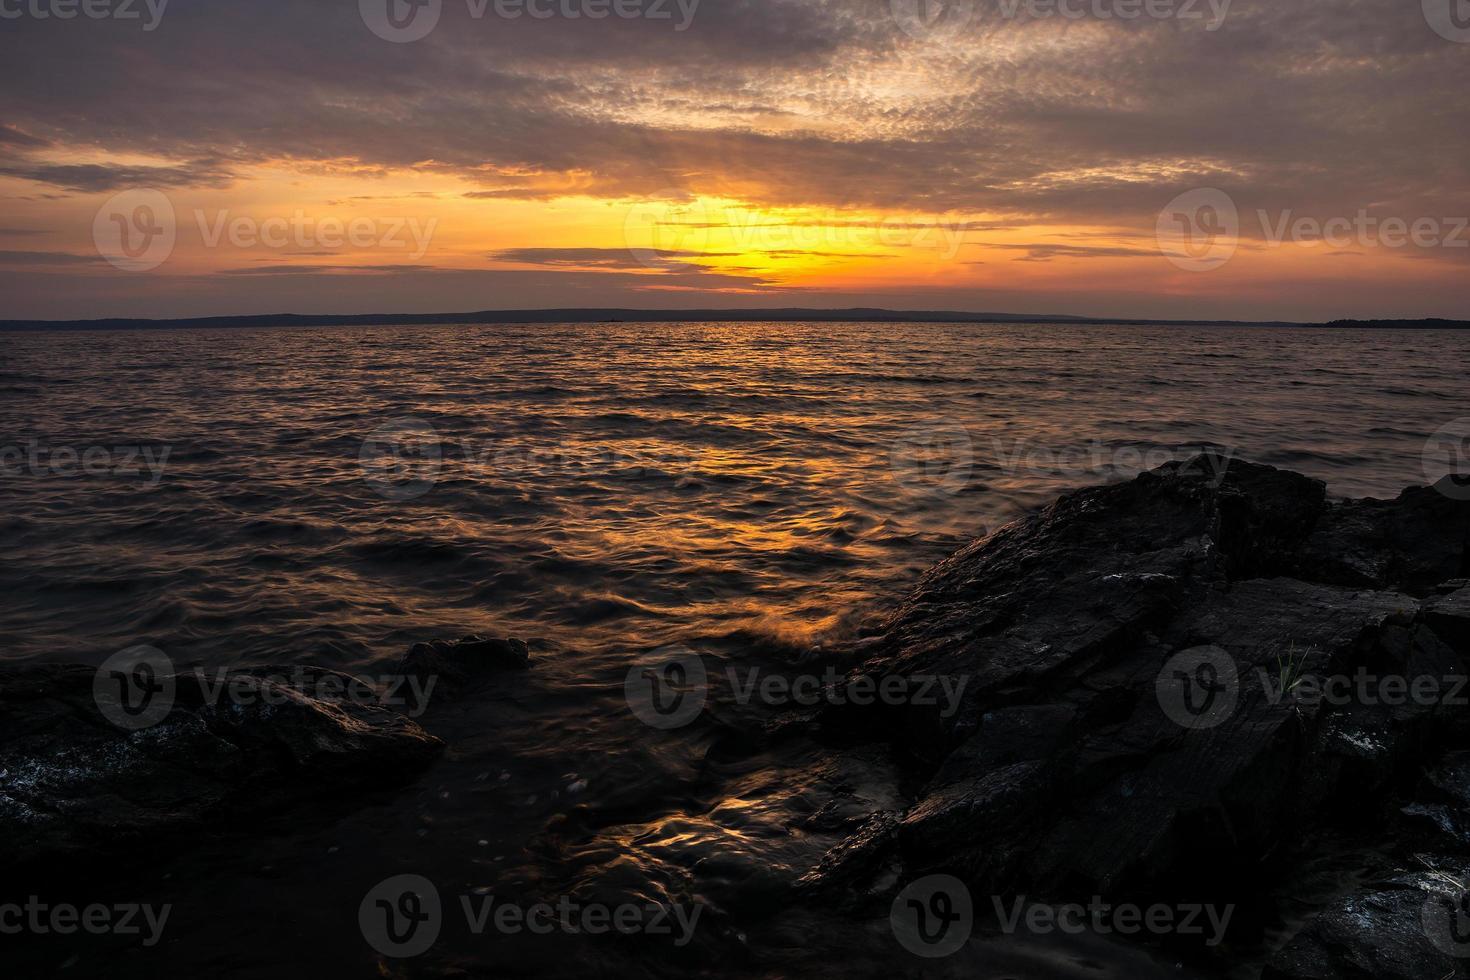 Sunset by swedish lake - Travel and landscape background photo